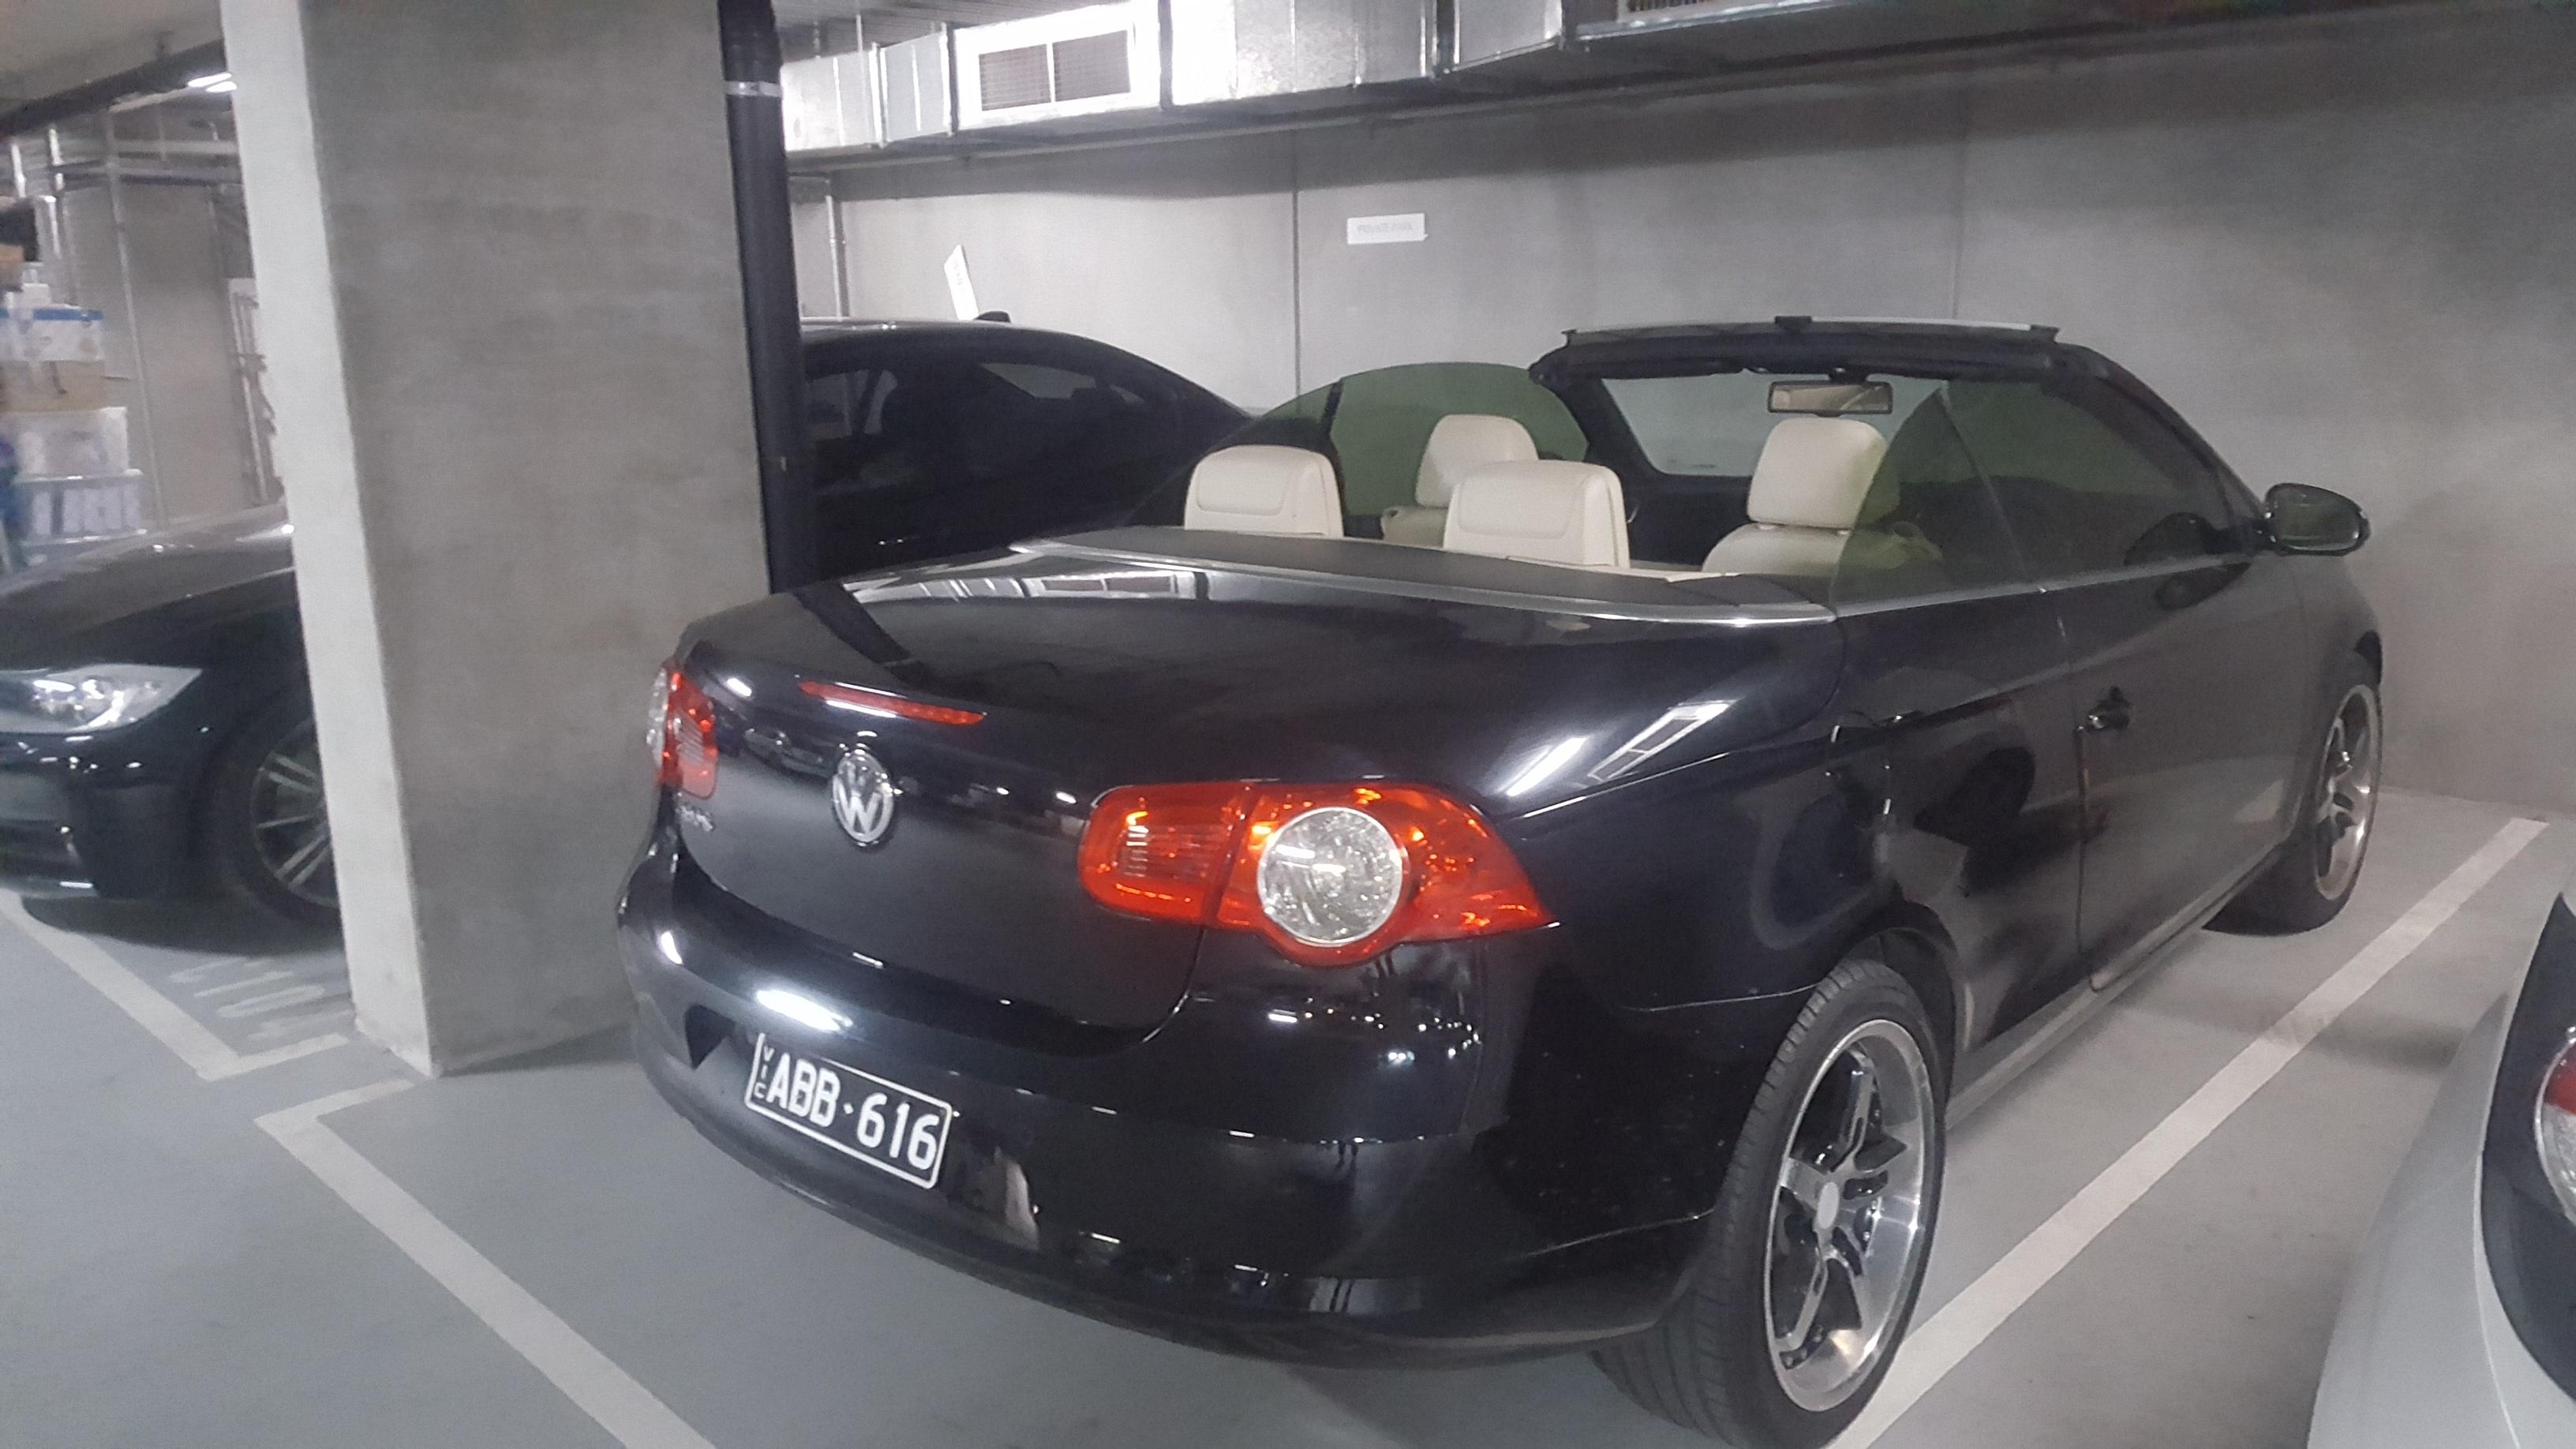 Picture of Alessandra's 2007 Volkswagen EOS